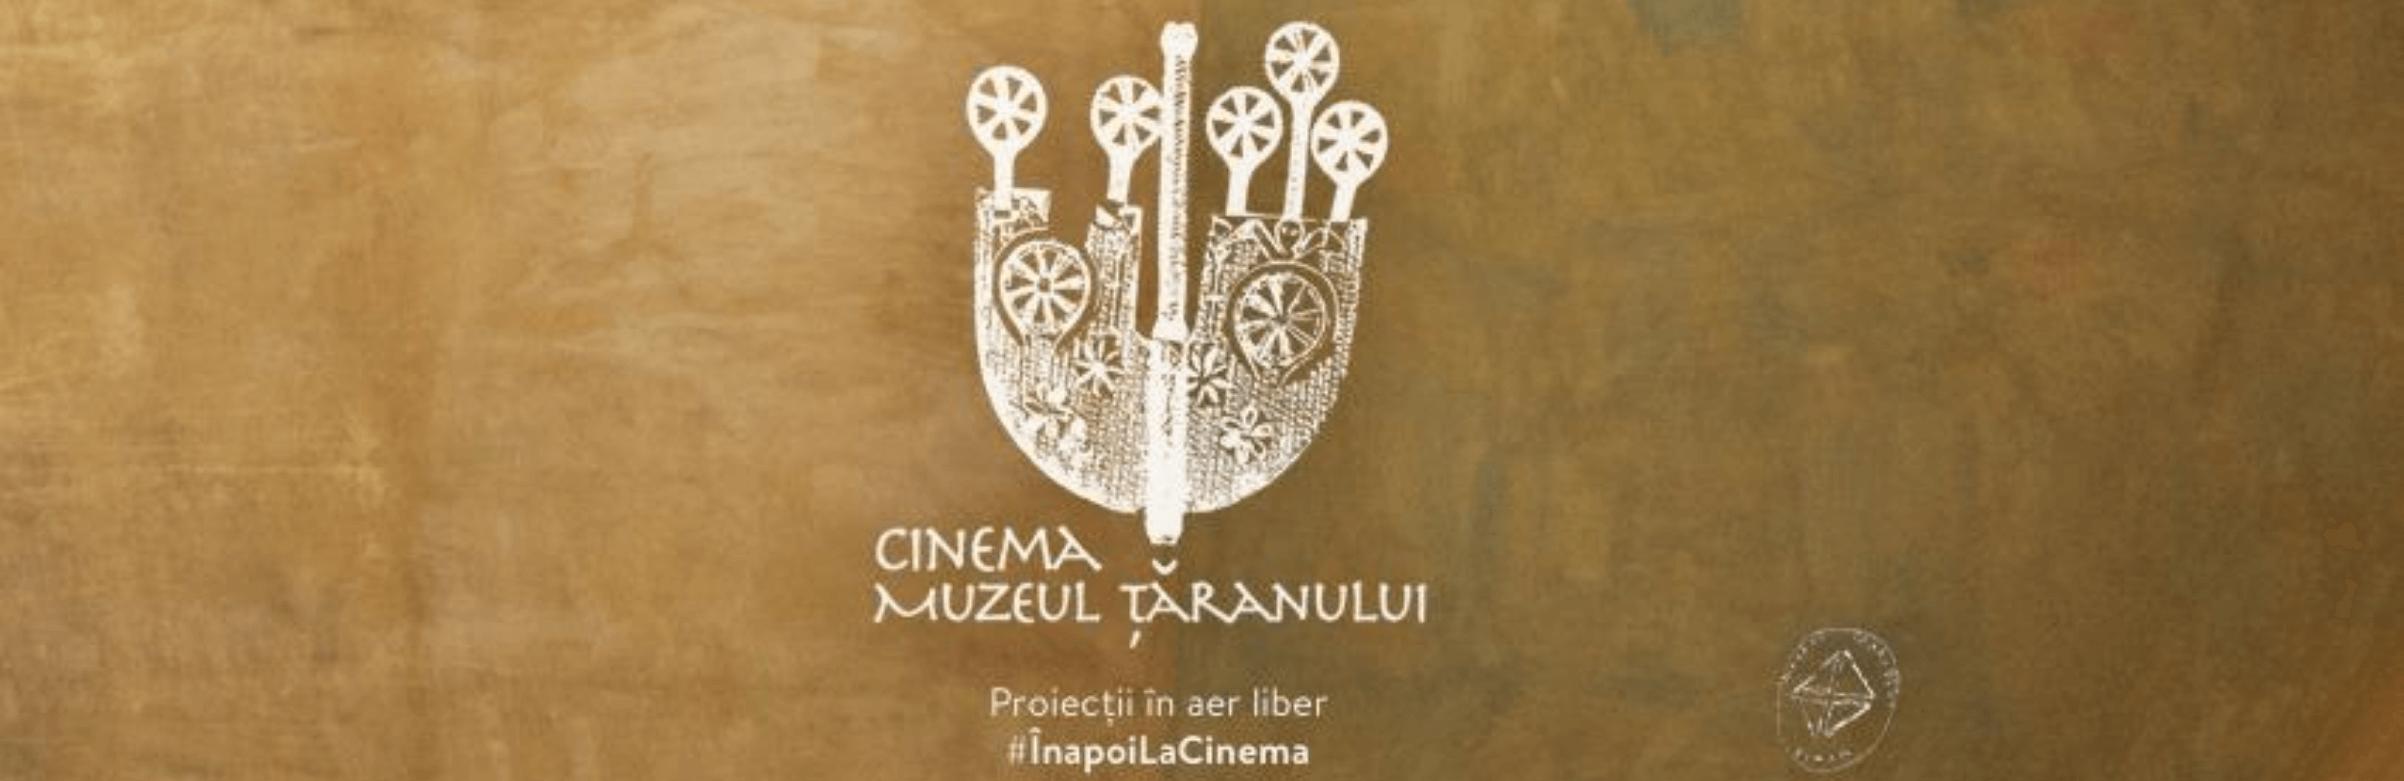 cinema muzeul taranului in aer liber